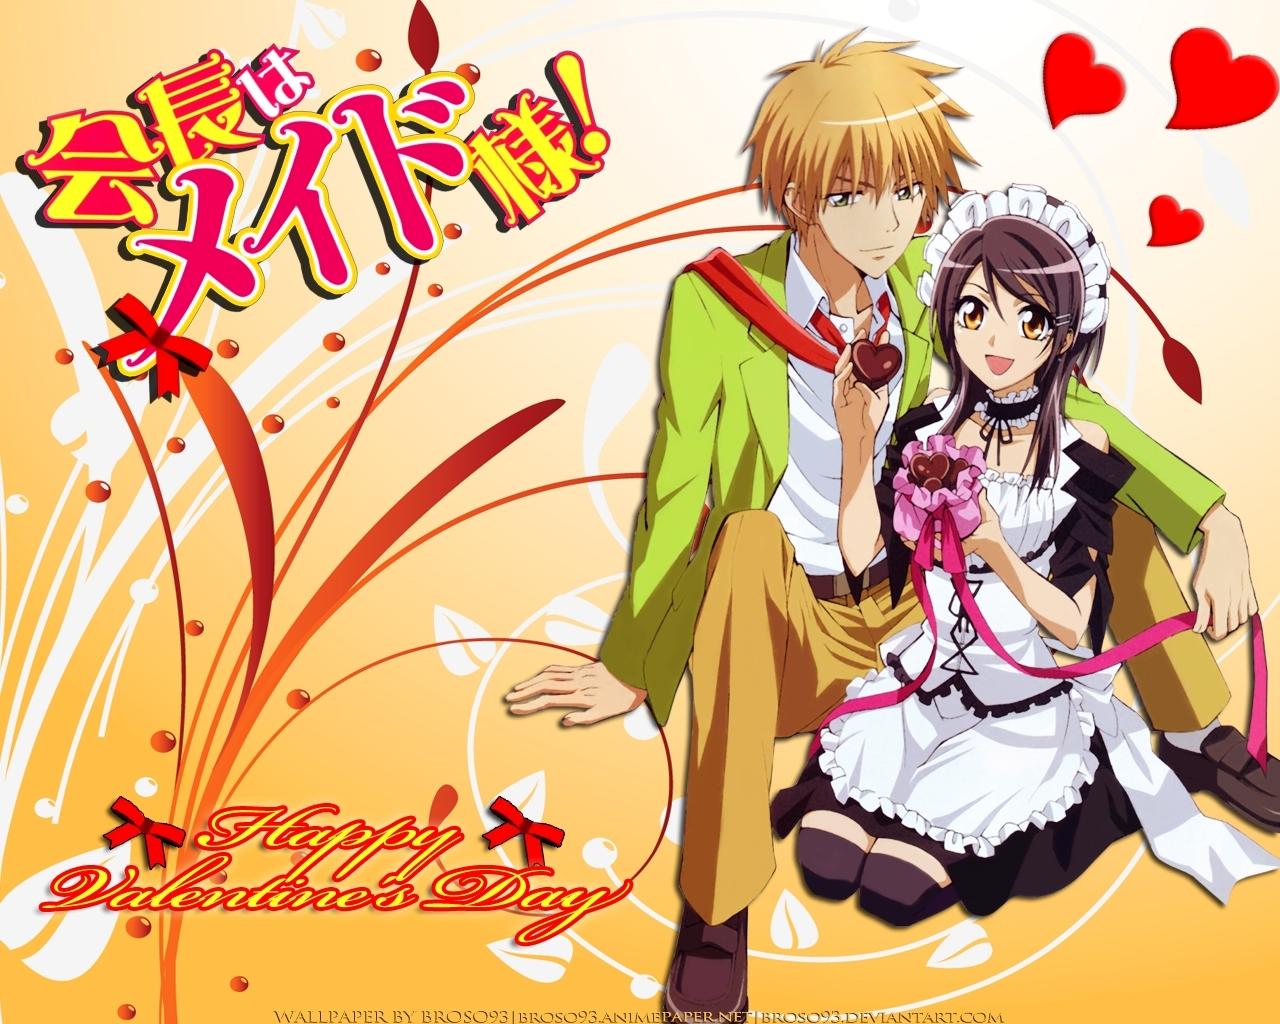 kaichou wa maid-sama! - fujiwara hiro - wallpaper #203466 - zerochan